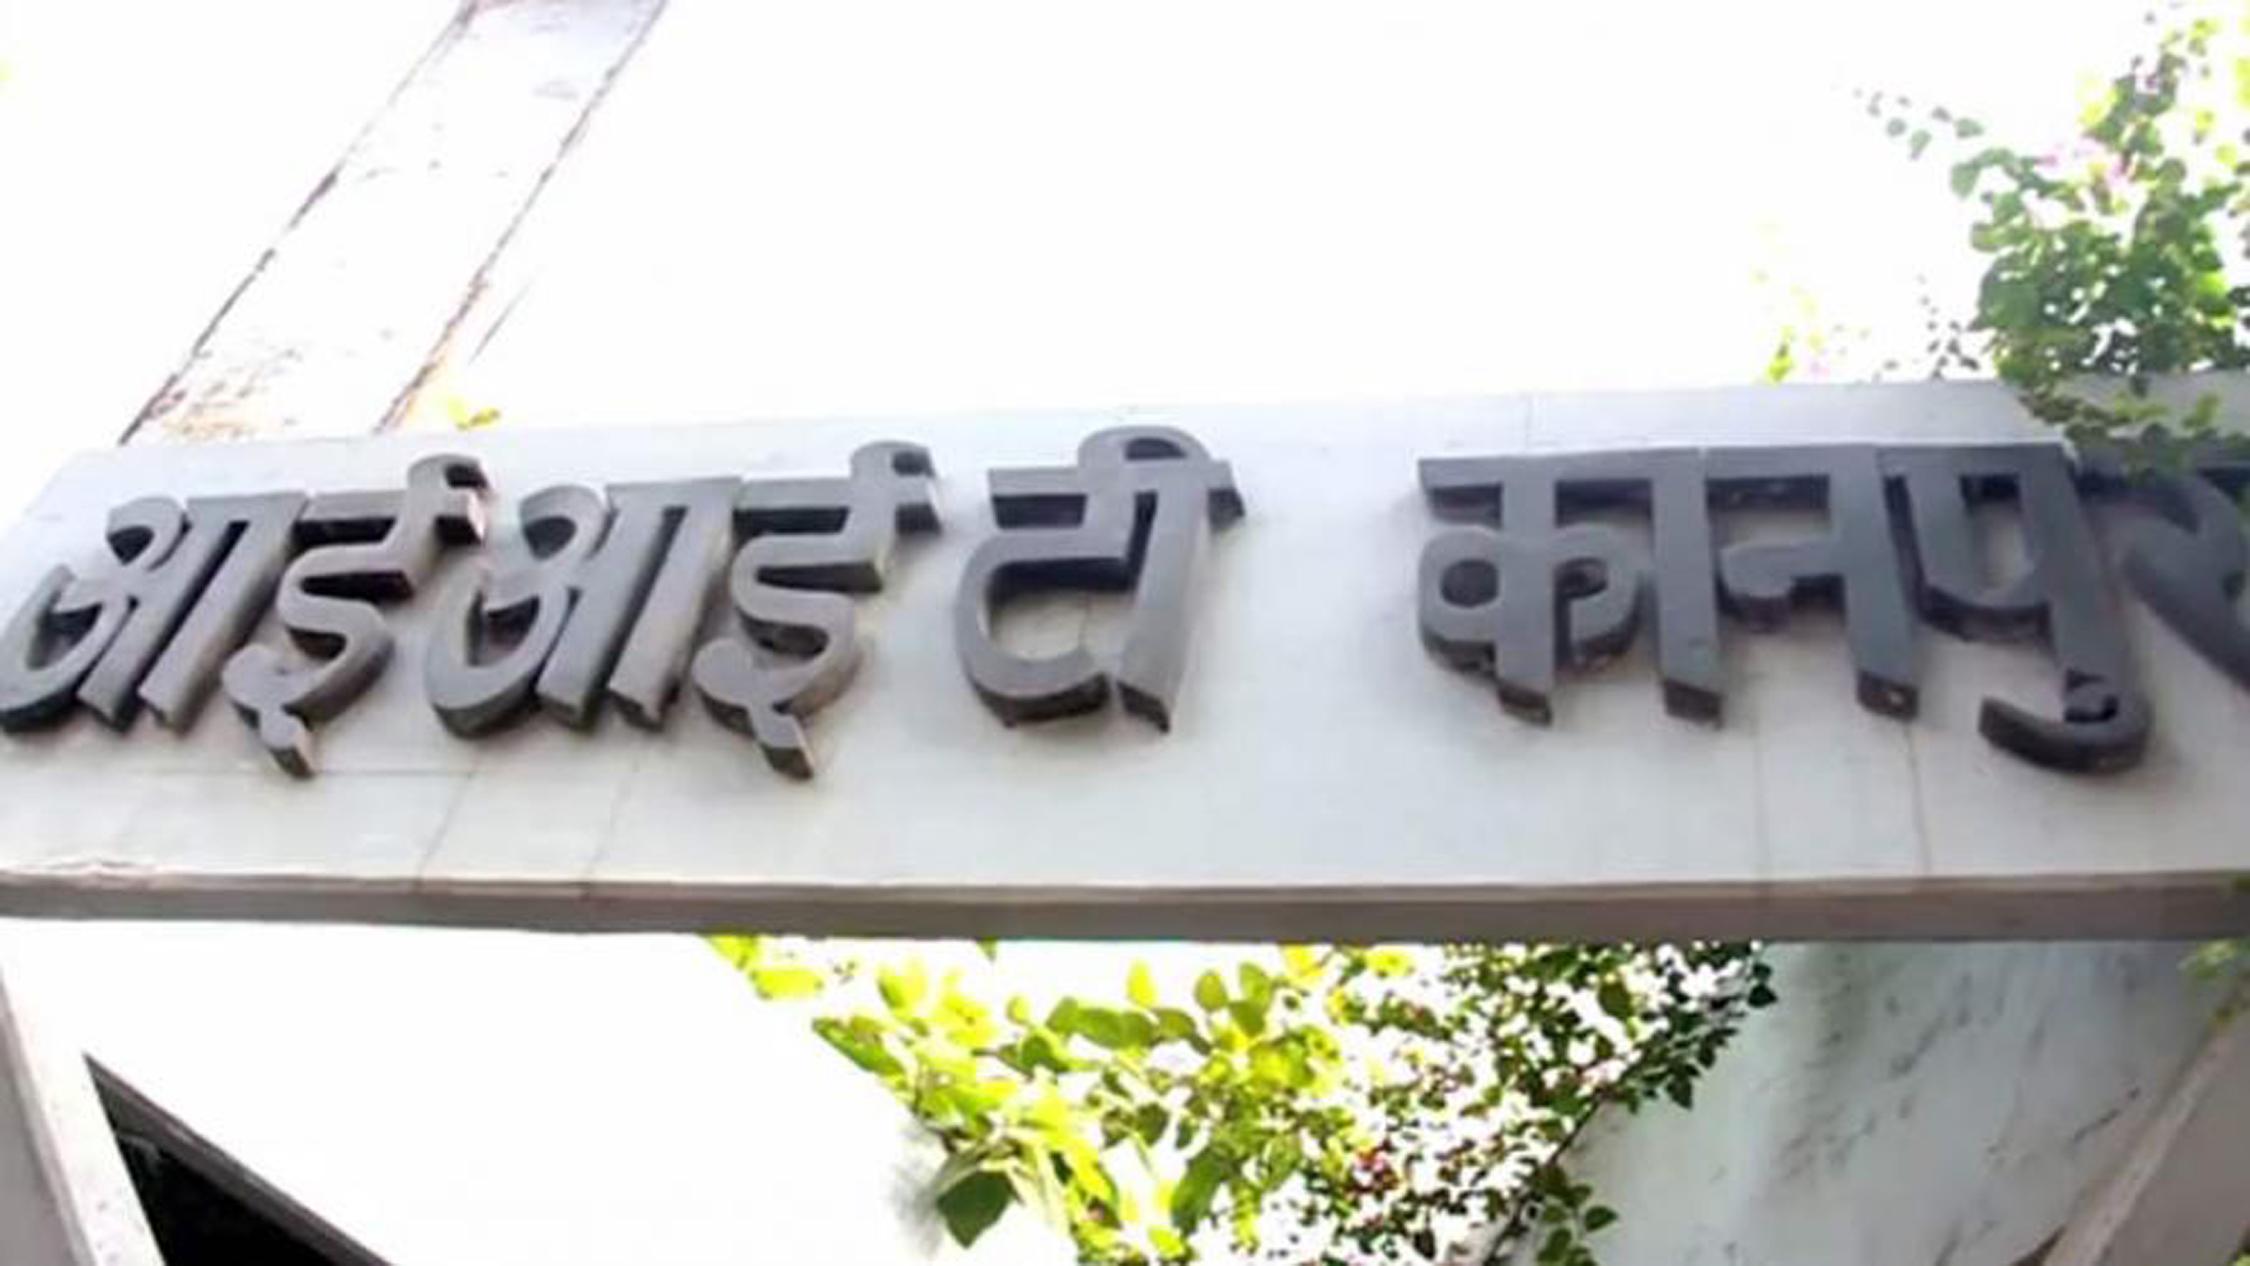 आईआईटी की सीनेट में पास हुआ प्रस्ताव,पाठ्यक्रममें भी हुआ सुधार,कई कोर्सों कीस्कीम का विस्तार किया जायेगा,छात्रों को मिलेंगे कई अधिकार कानपुर,Kanpur - Dainik Bhaskar